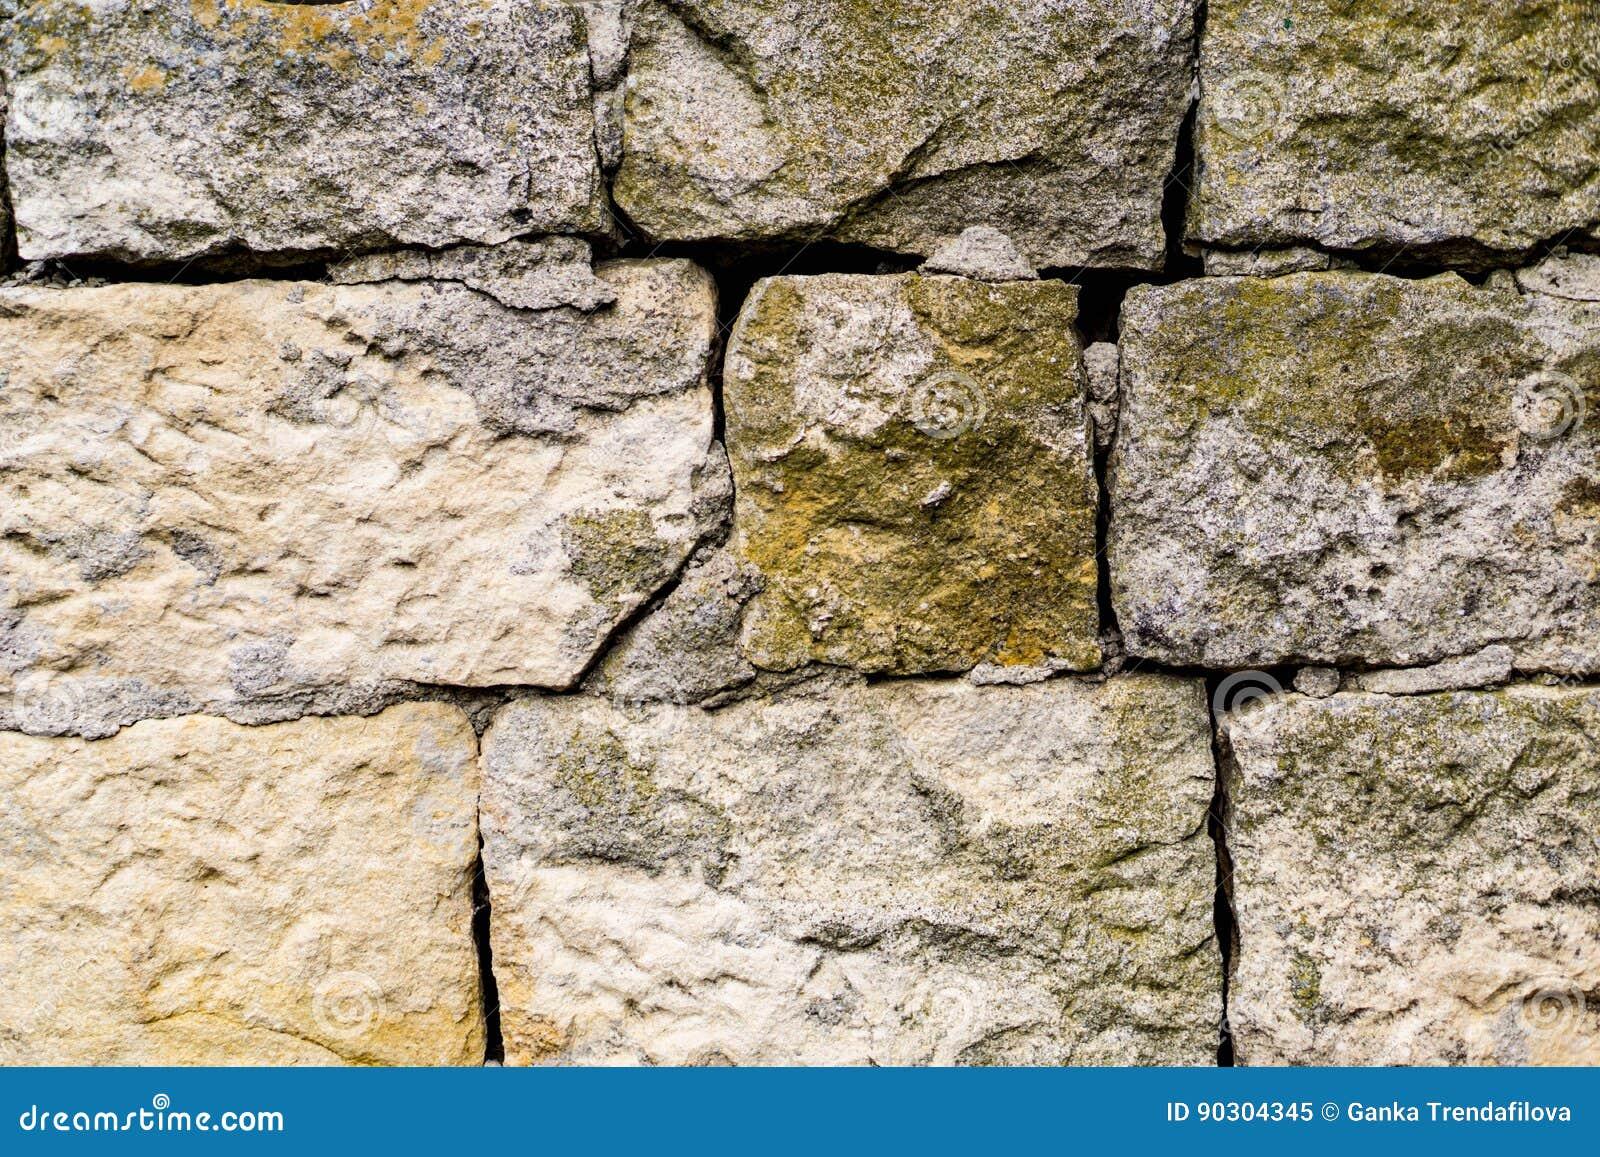 Nahaufnahme nafragment Wand des abgebrochenen Steins, Felsenwände, überwältigt